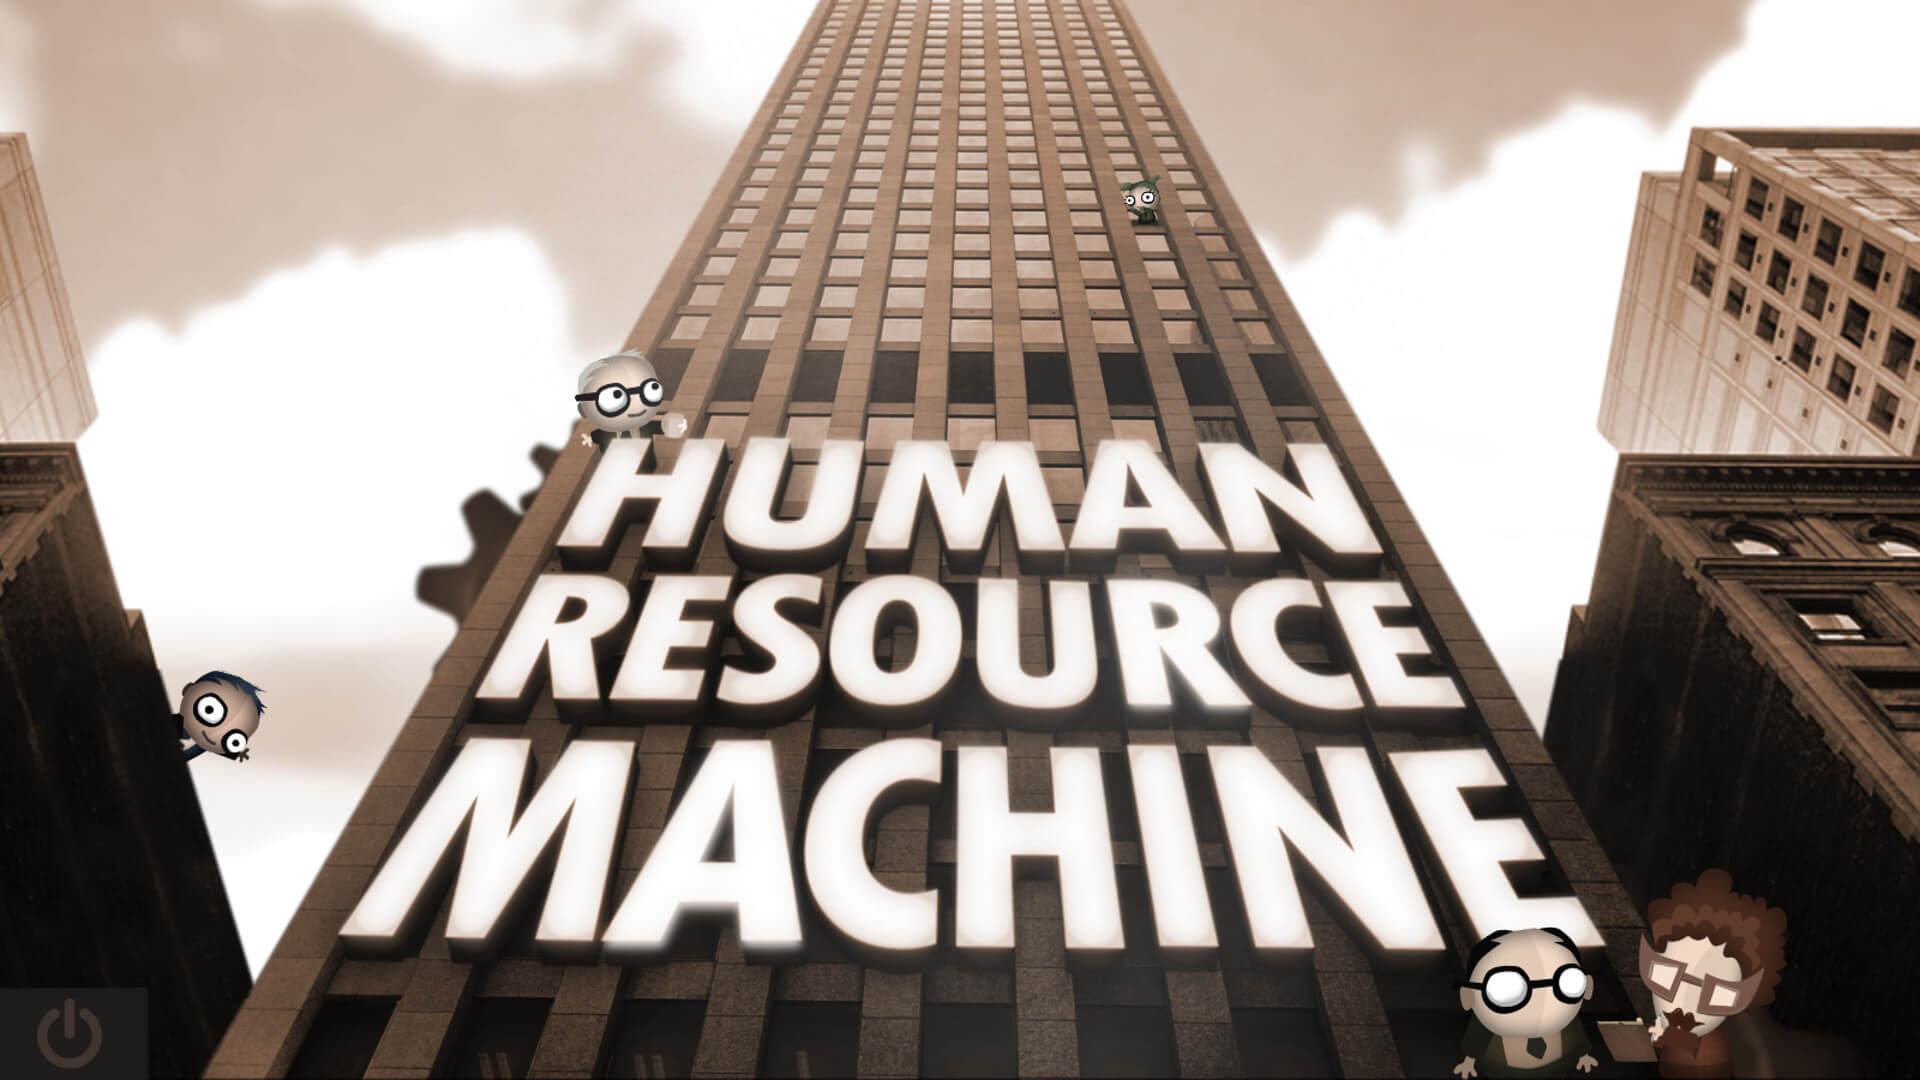 Human Resource Machine - v každém patře na vás čeká jeden trhlý úkol